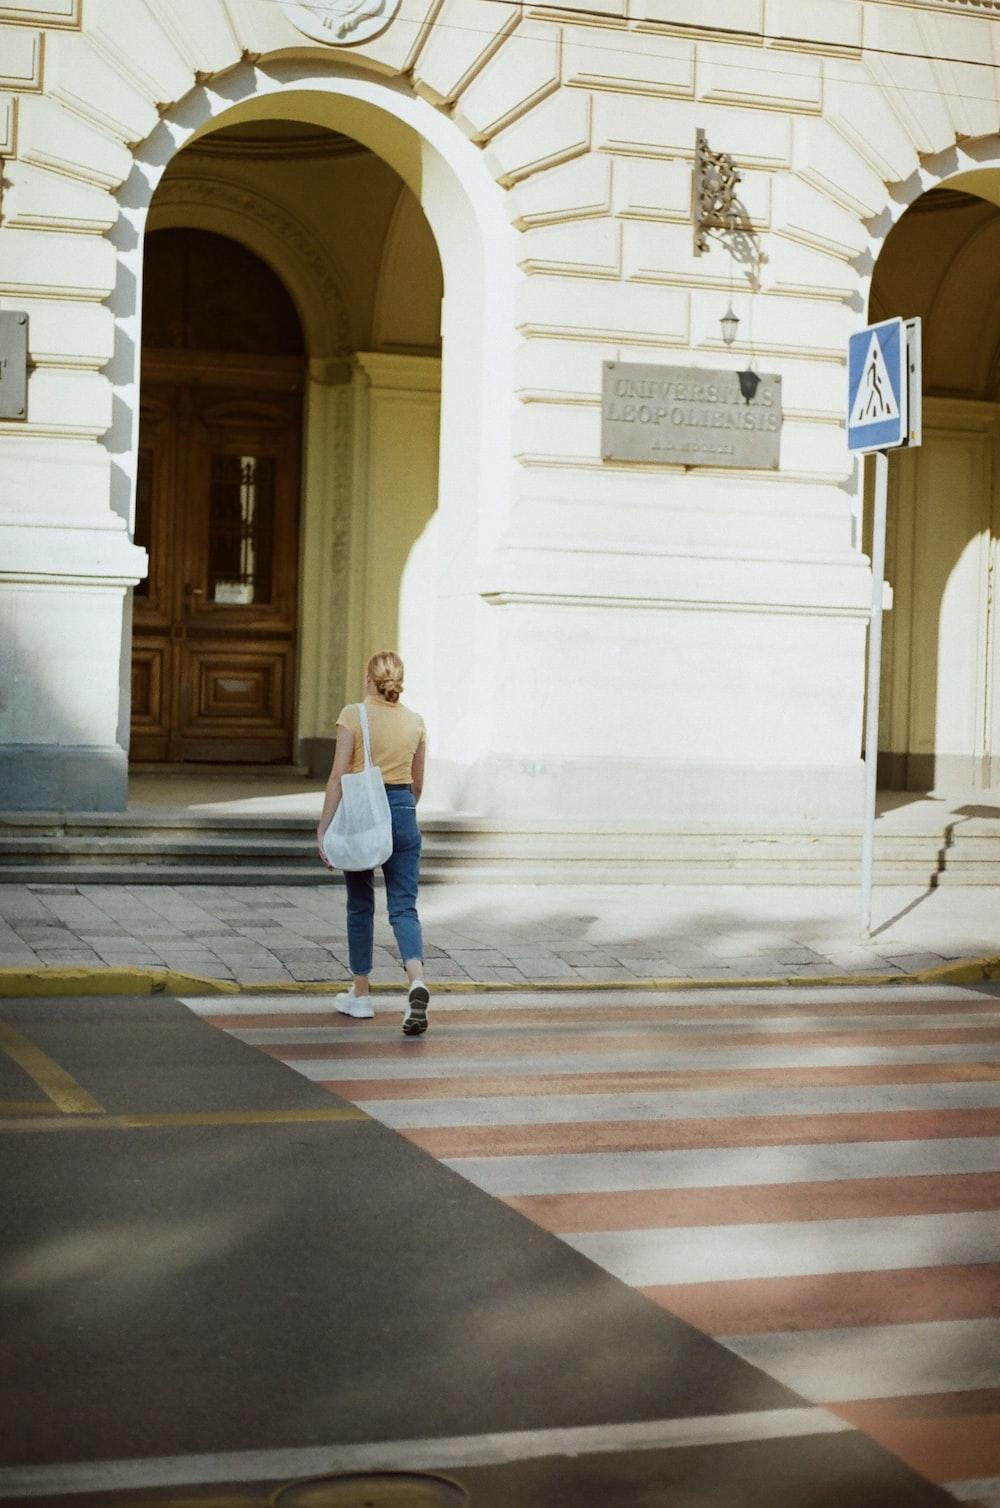 woman in blue denim jacket walking on pedestrian lane during daytime